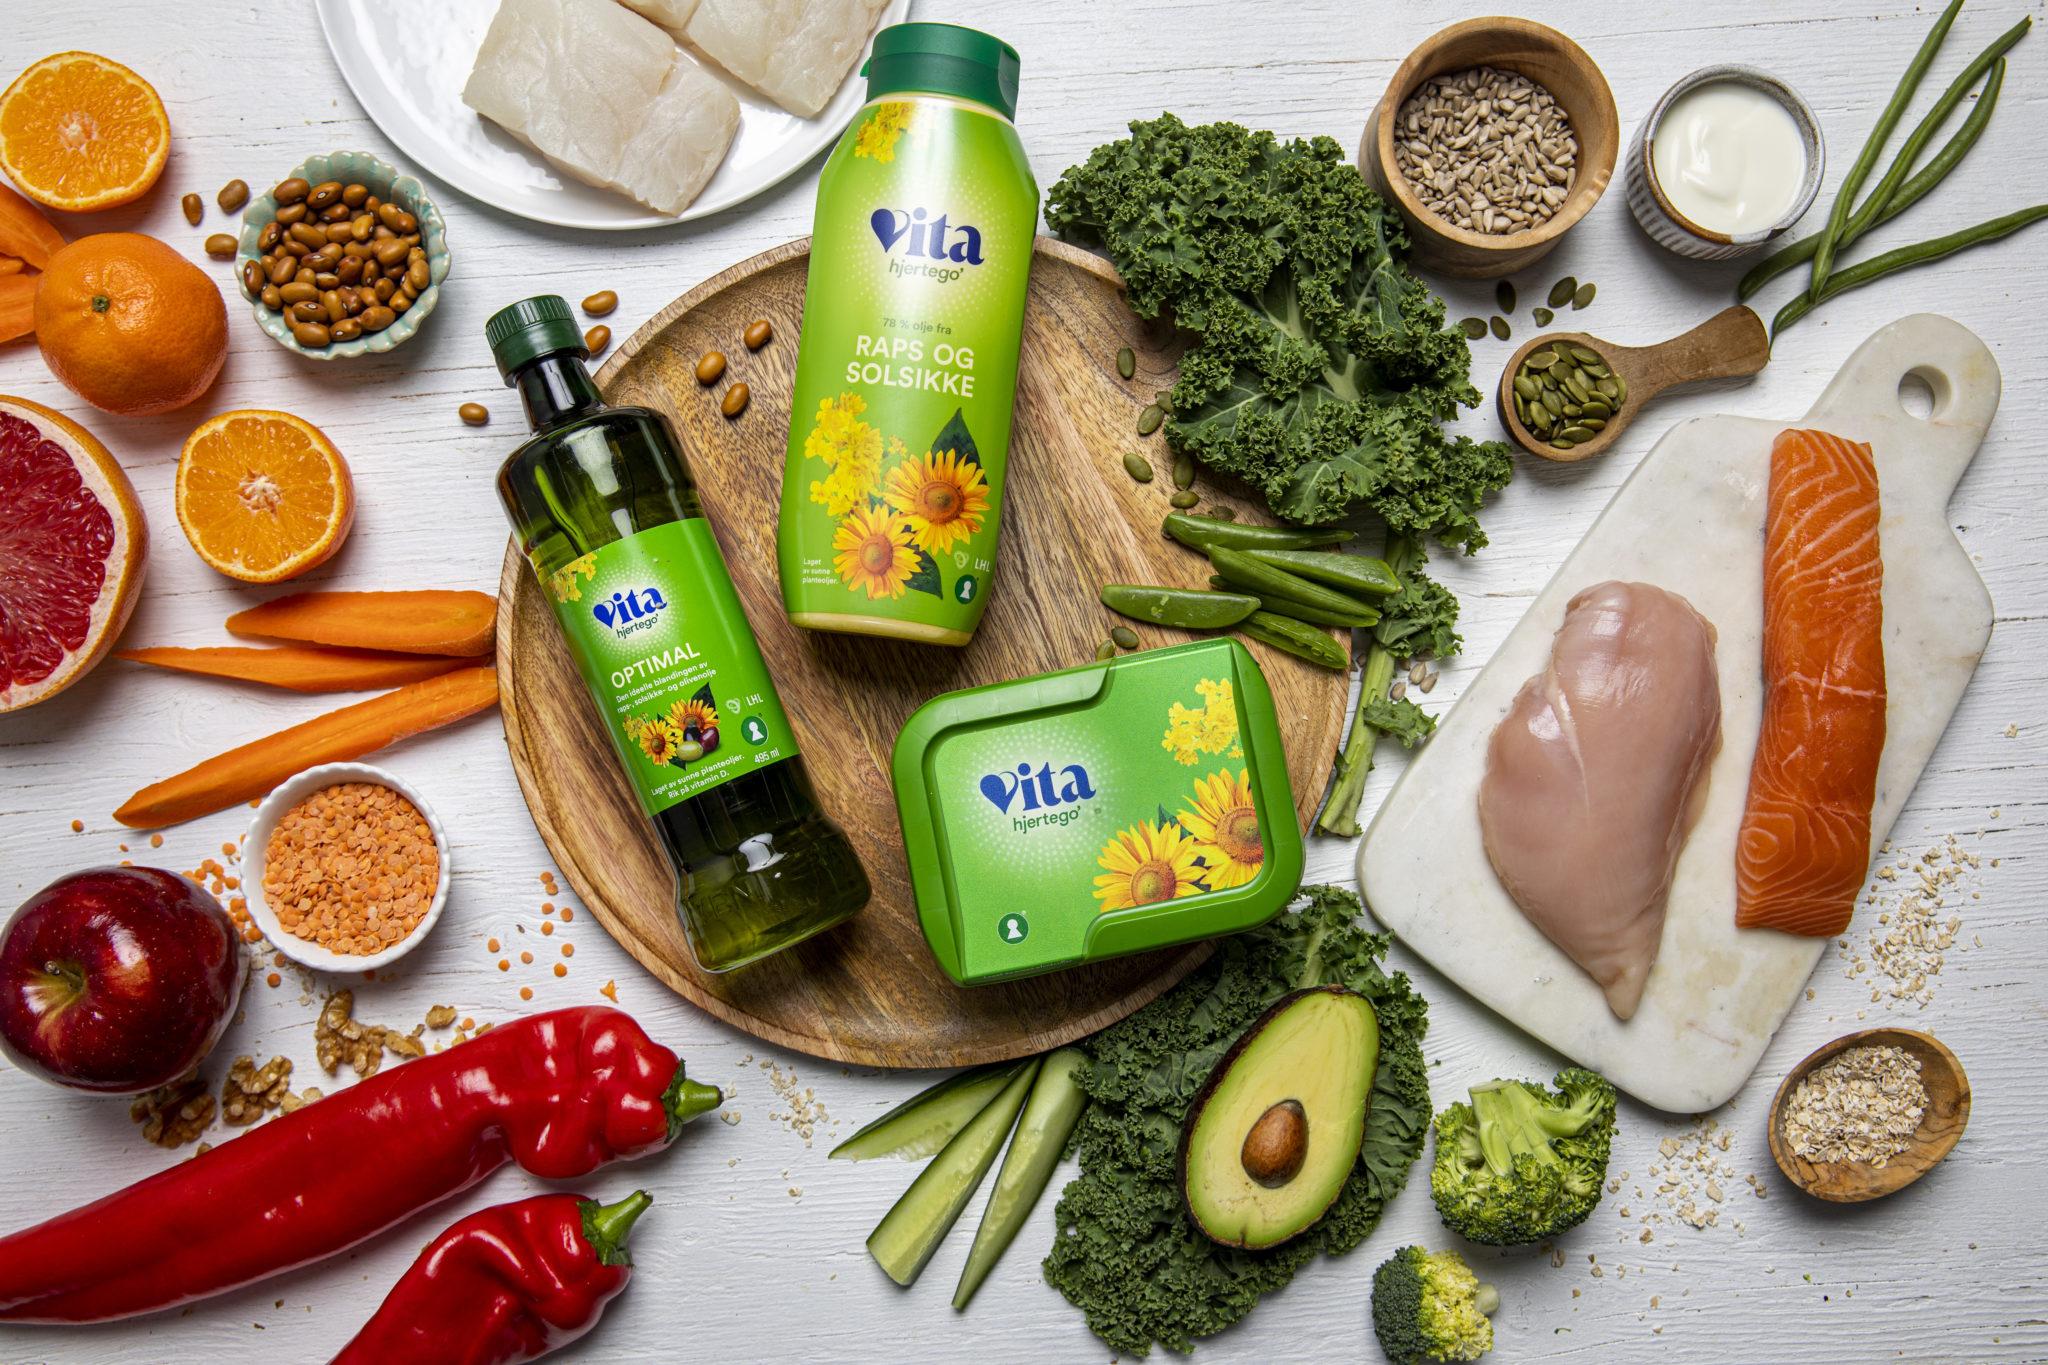 Vita hjertego' products